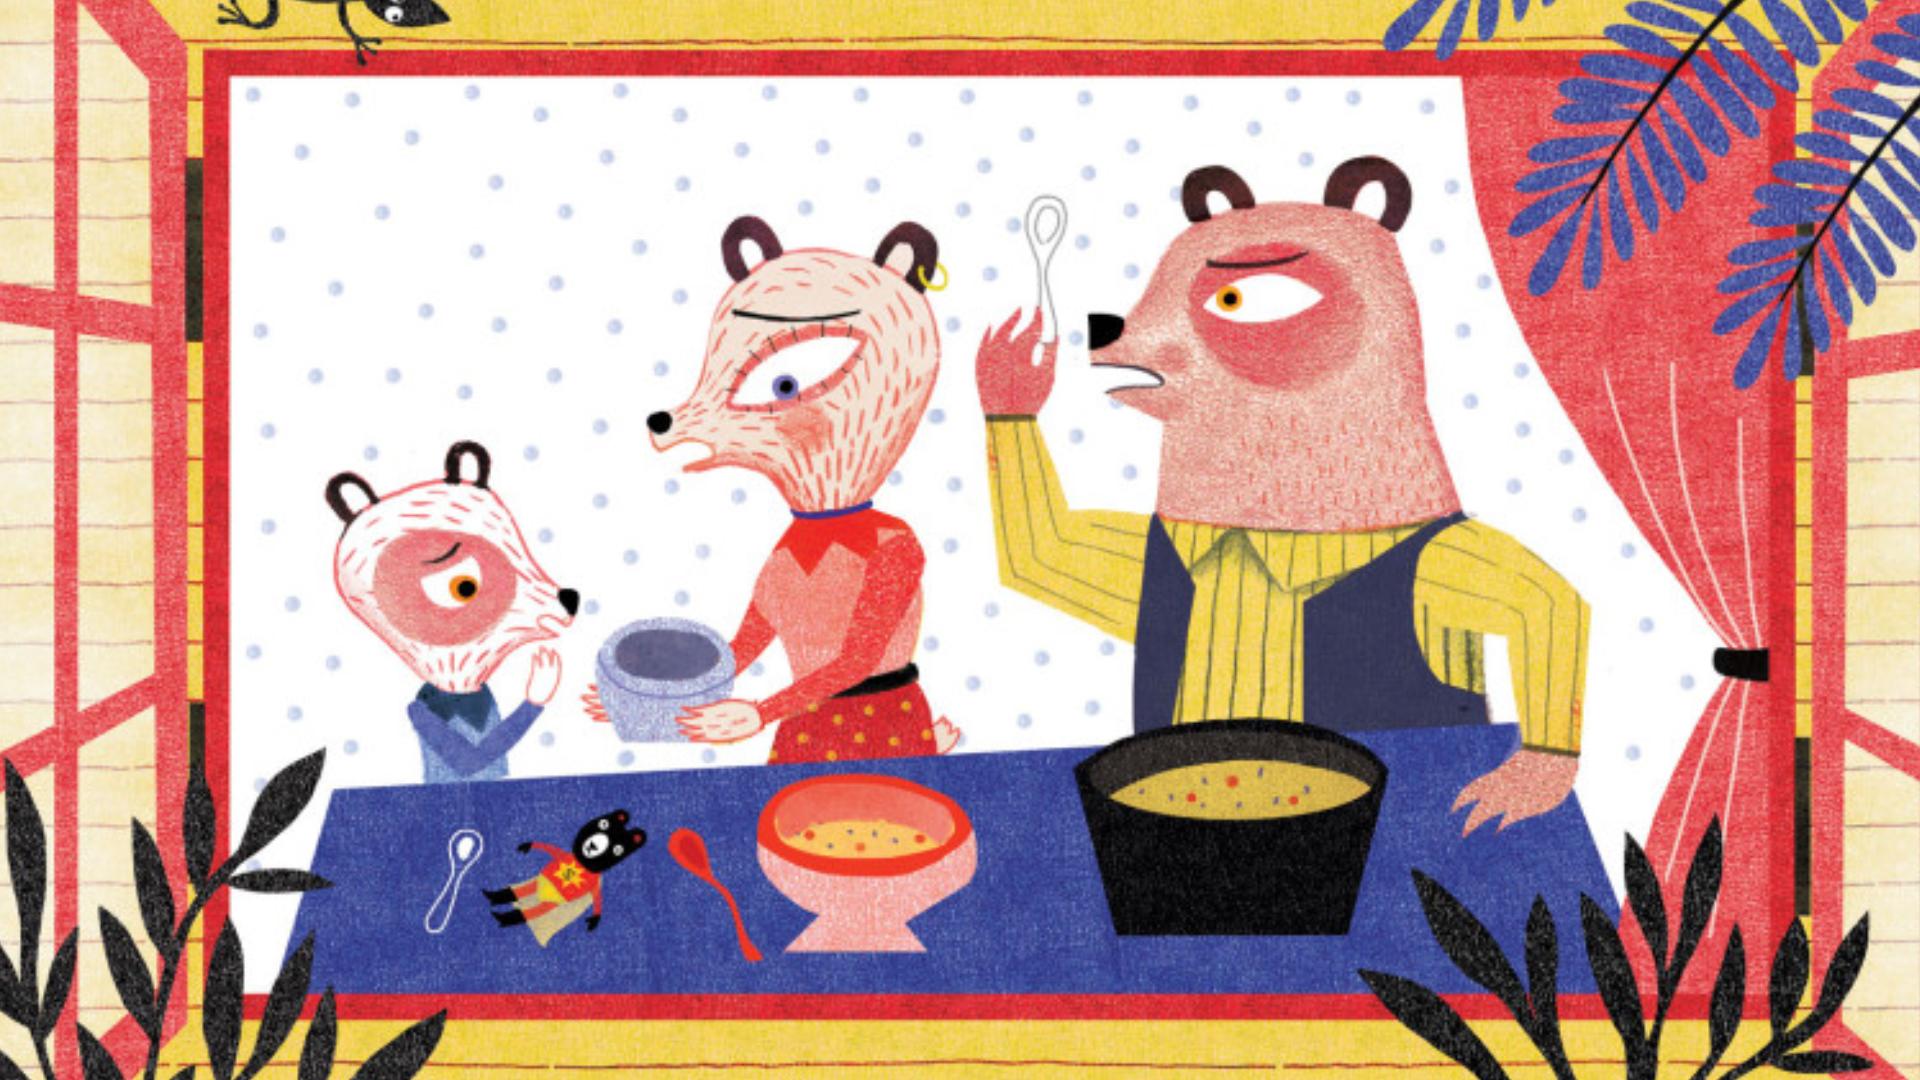 Ricitos de oro y los tres osos - Ilustración de Mariana Ruiz Johnson